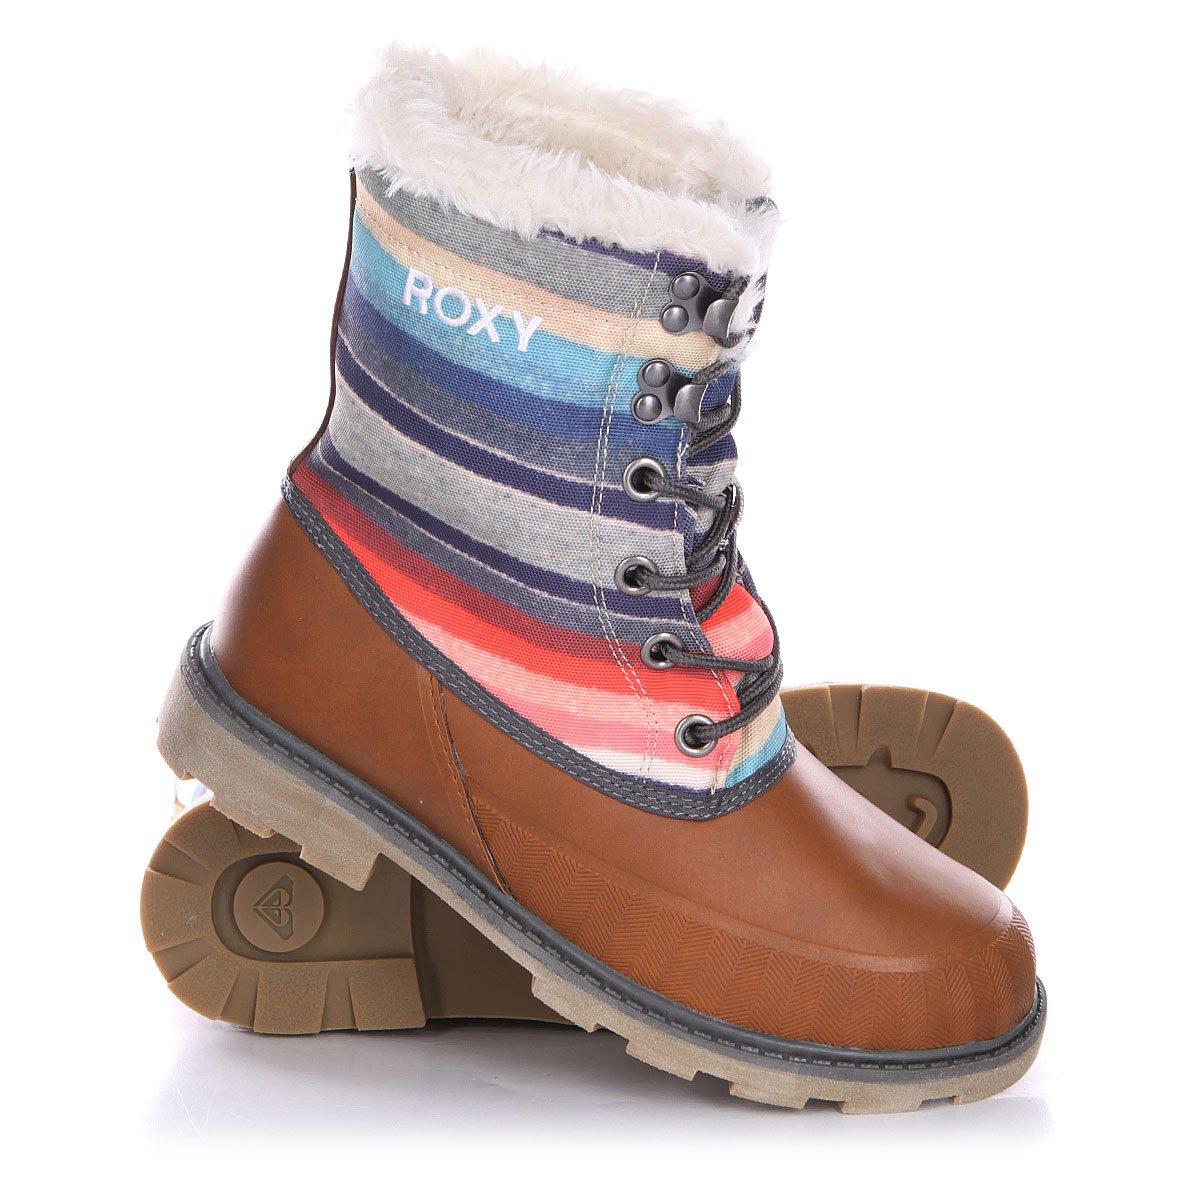 7a217dfb1067 Купить ботинки зимние женские Roxy Himalaya J Boot Burgundy ...